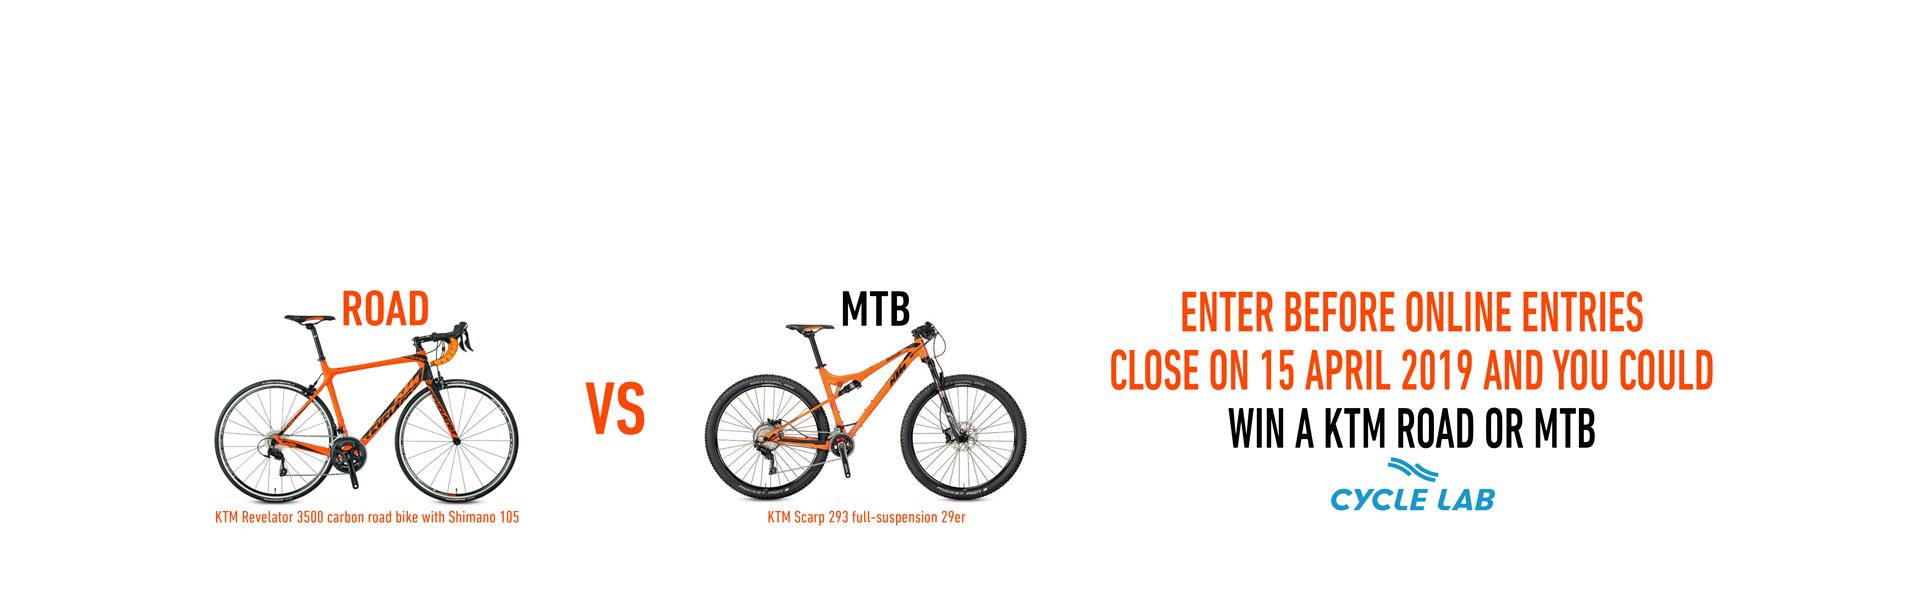 WIN-A-KTM-MTB-OR-ROAD-BIKE-HEADER - Tour Durban